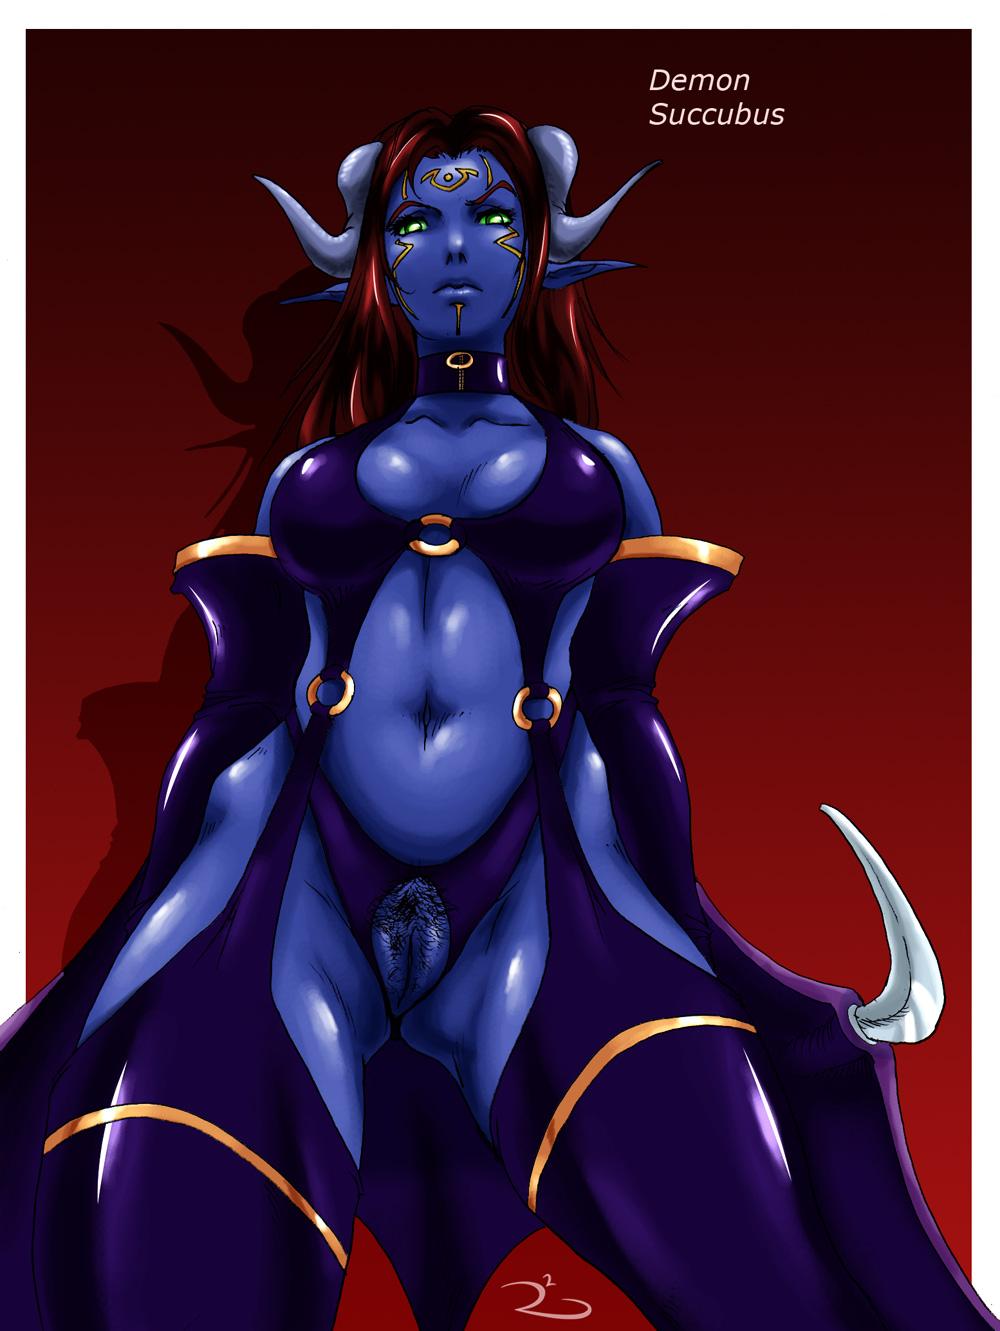 Warcraft succubus porn shina hentia movies